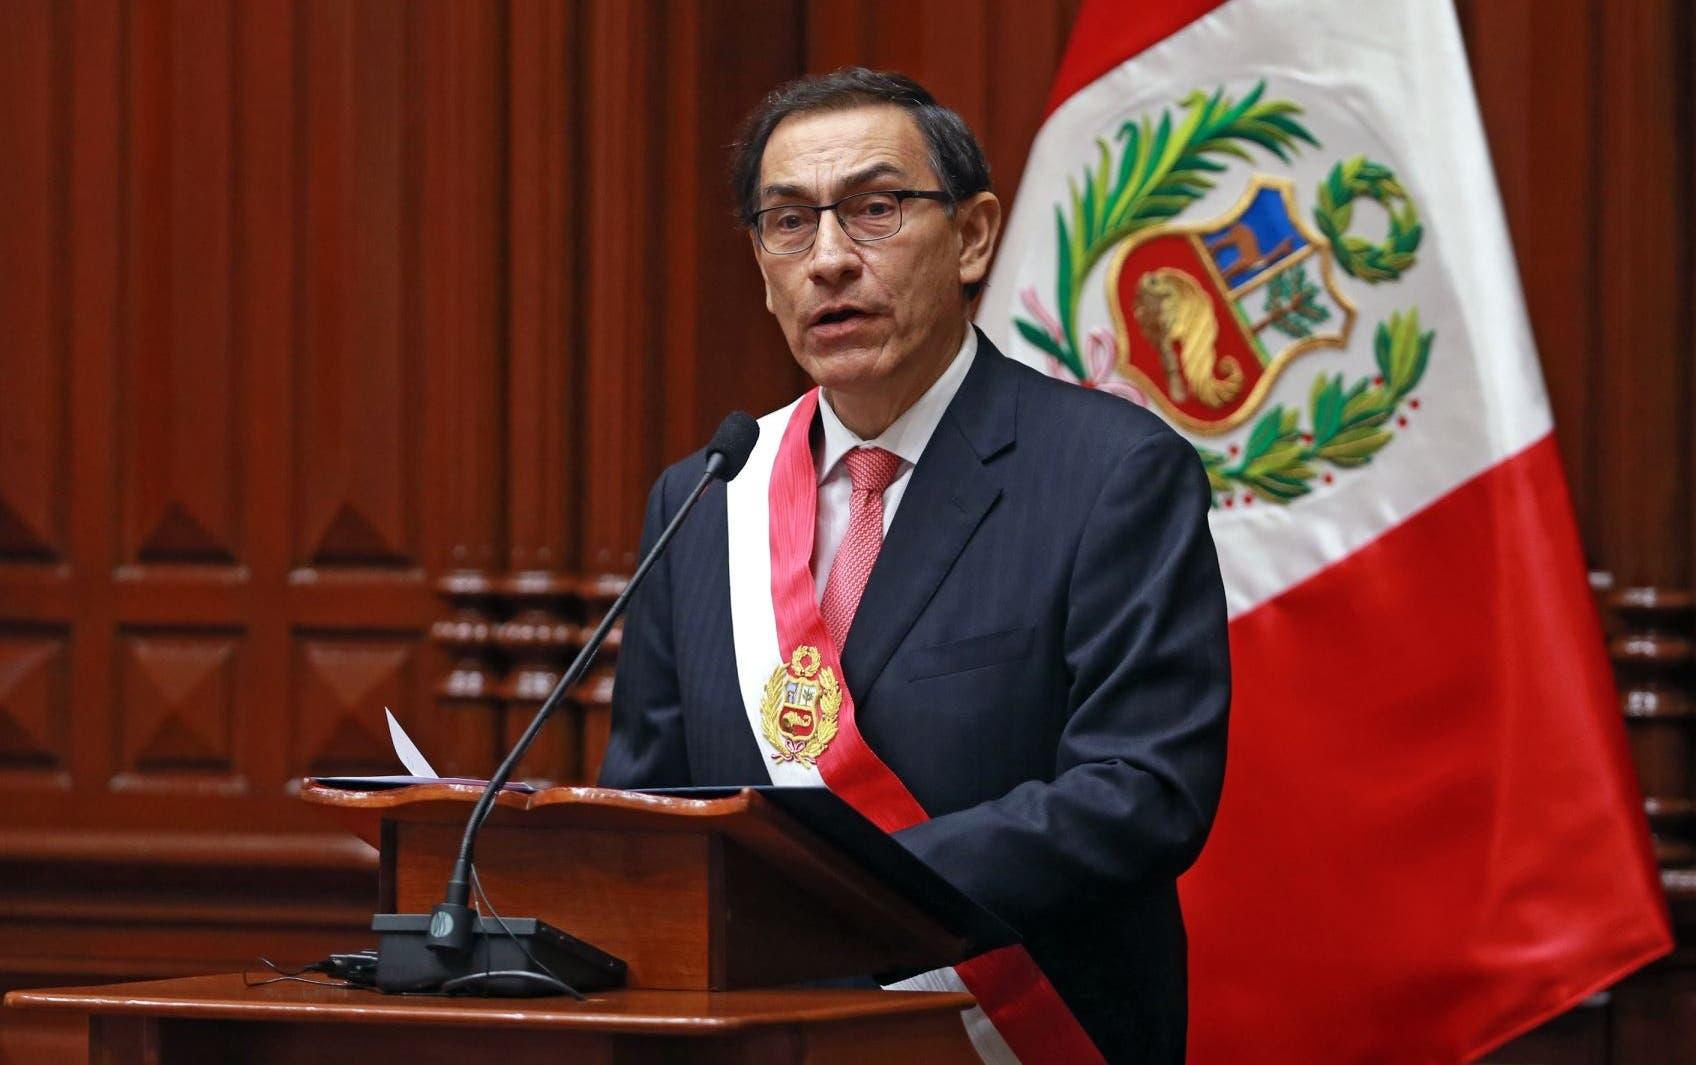 Confirman juicio de destitución contra el presidente de Perú